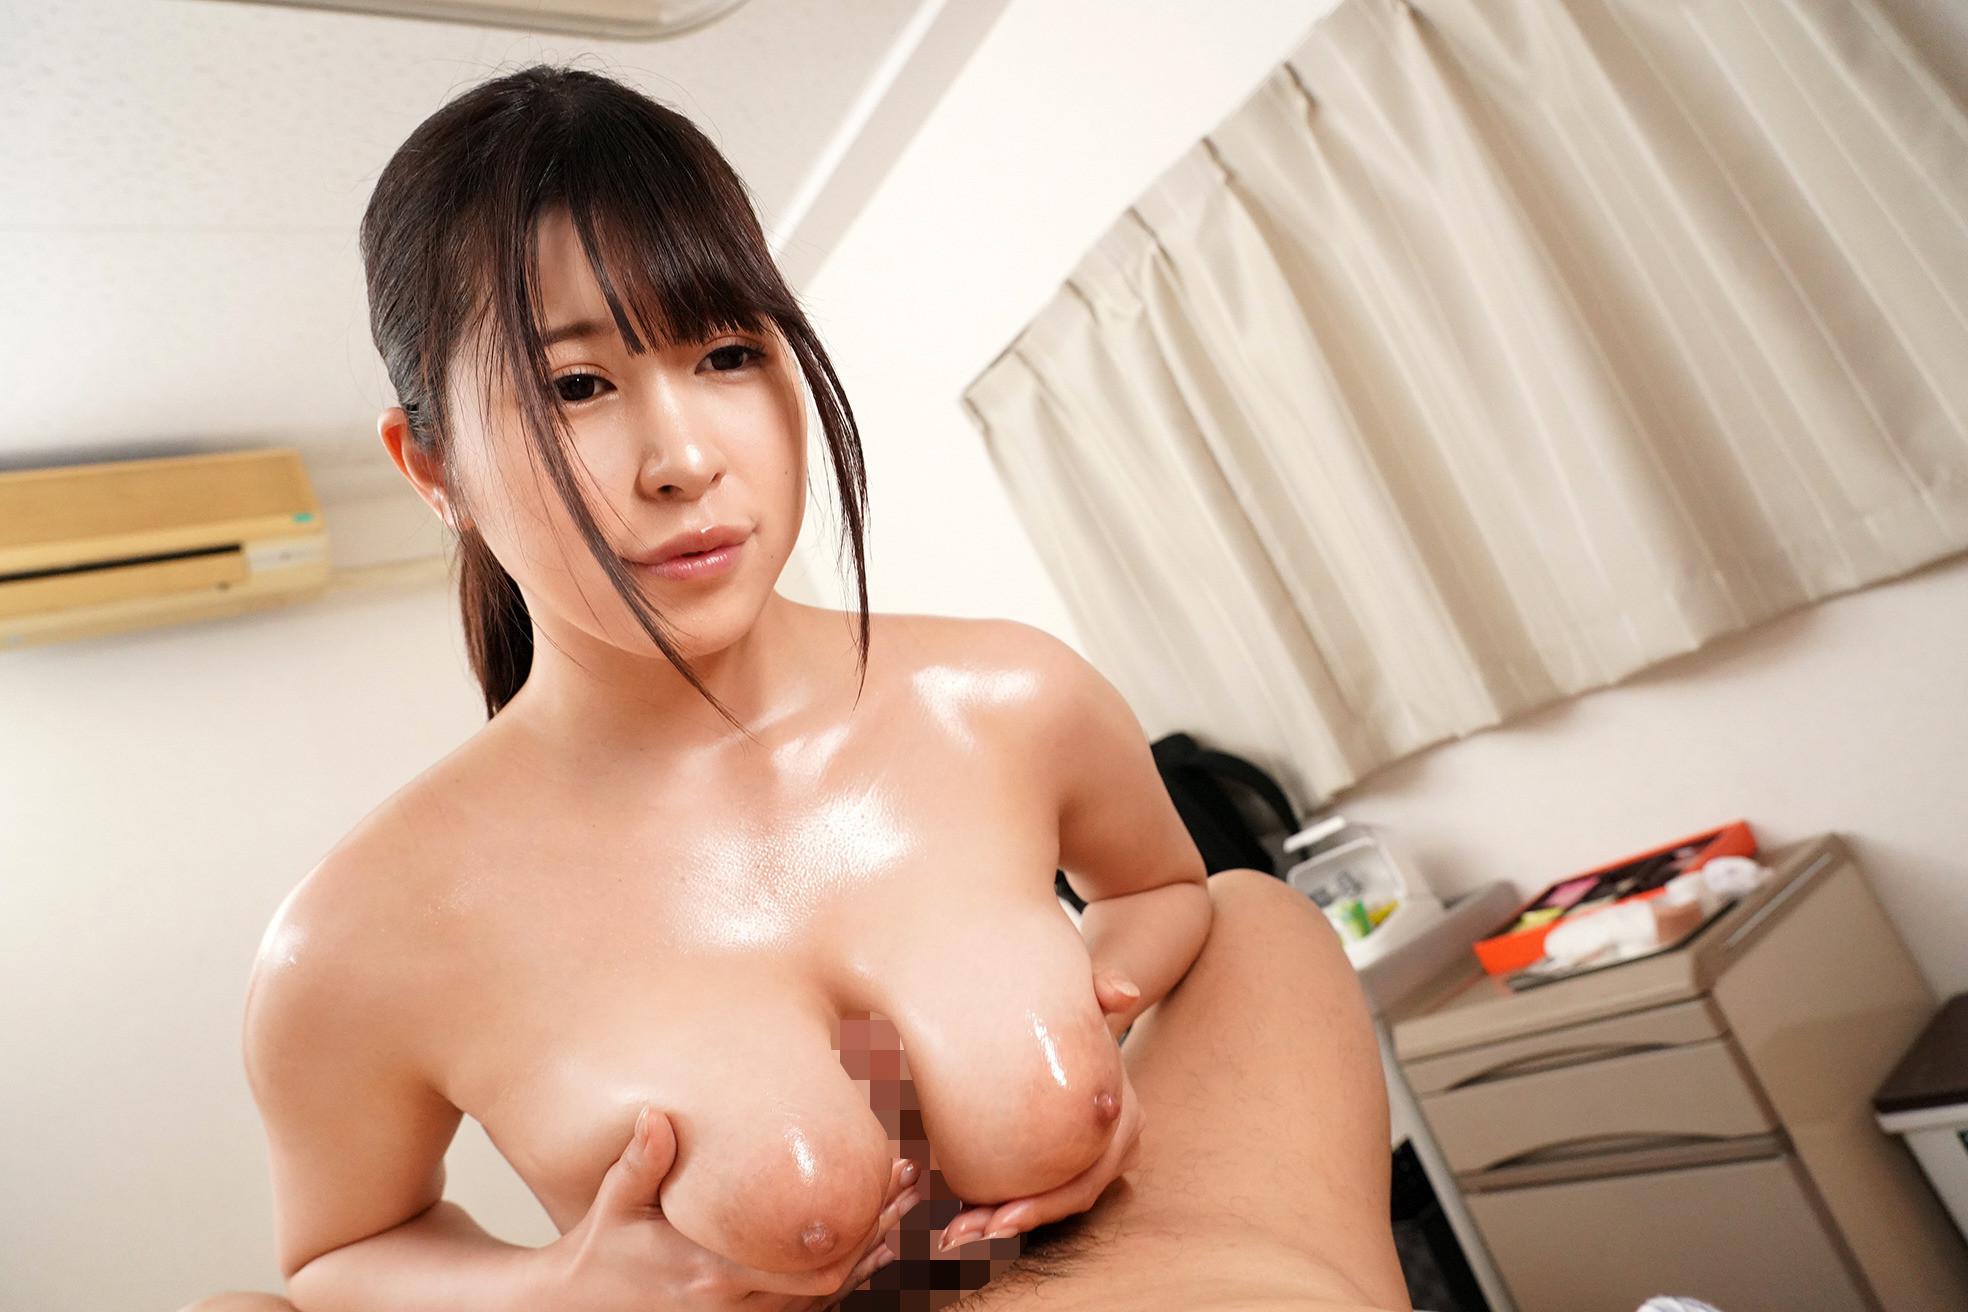 お願いされたら断れない!献身的なパイズリ狭射で性処理してくれるIカップ看護師 有岡さん 画像7